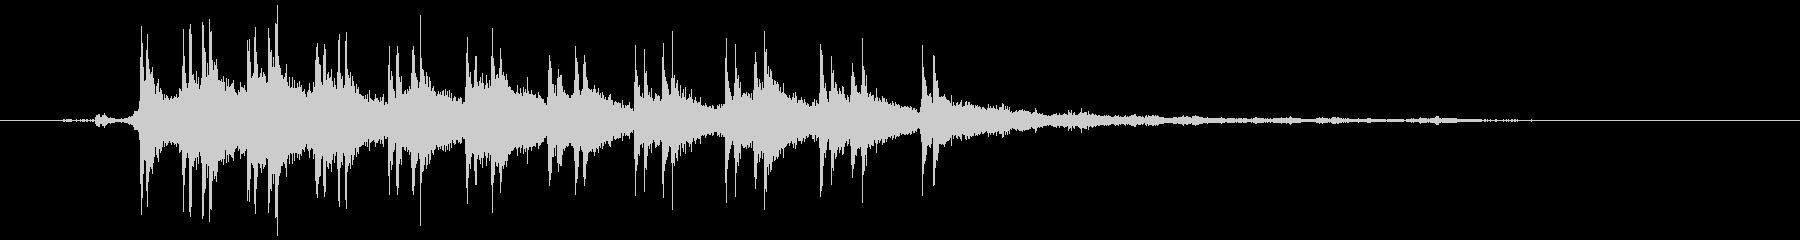 超近接収録した電車の走行音 02の未再生の波形